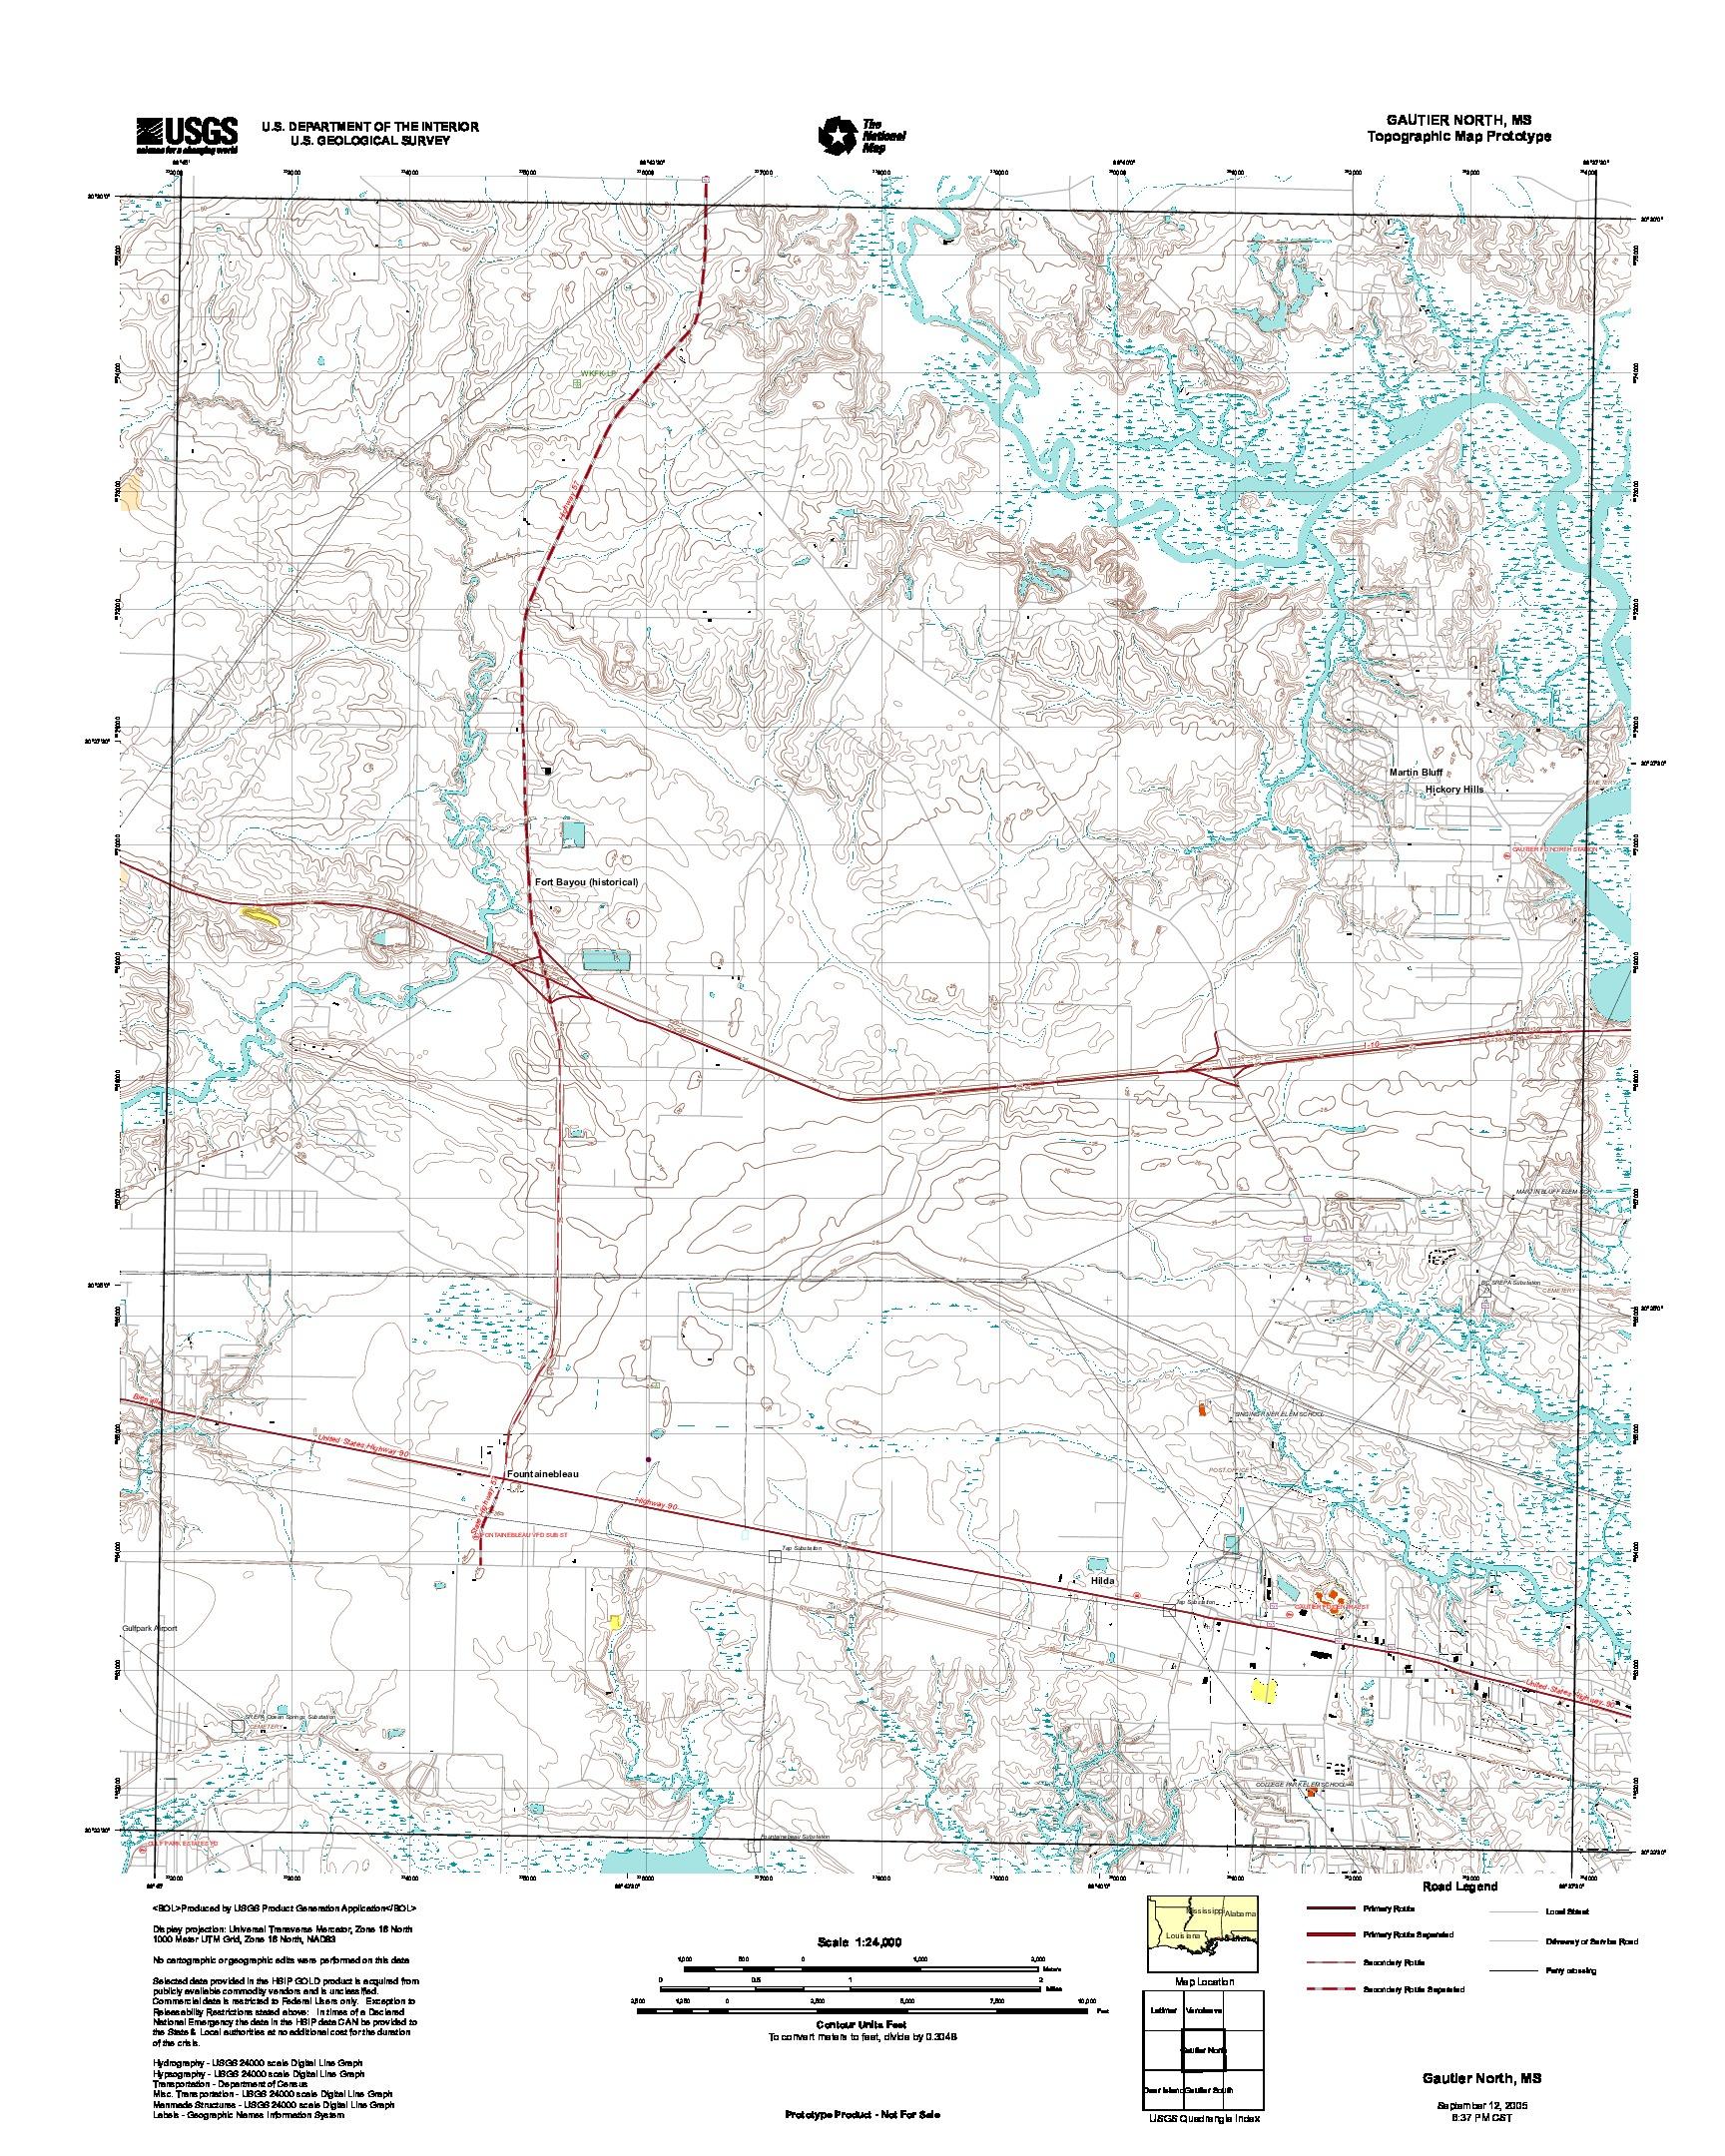 Prototipo de Mapa Topográfico de Gautier North, Misisipi, Estados Unidos, Septiembre 12, 2005